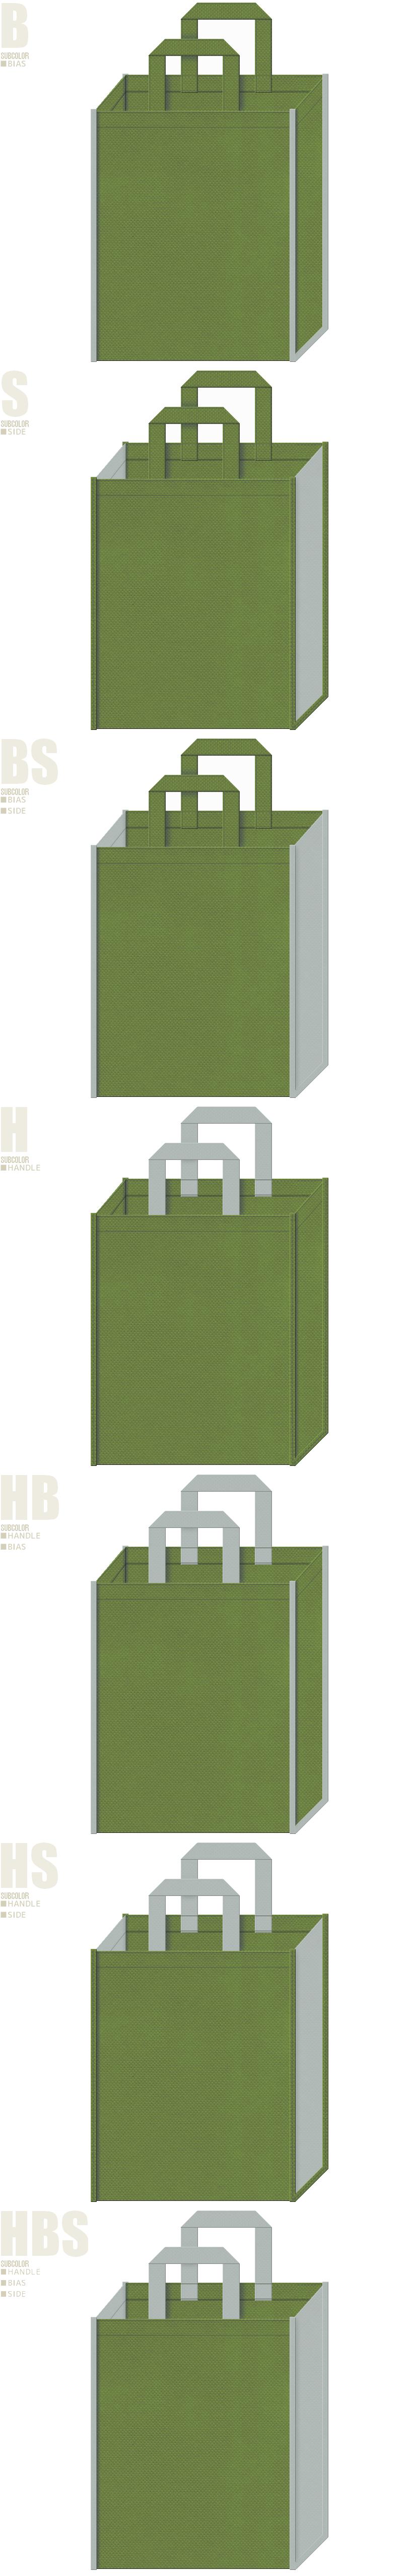 壁面緑化・屋上緑化・エクステリア・設計・和風建築の展示会用バッグにお奨めの不織布バッグデザイン:草色とグレー色の配色7パターン